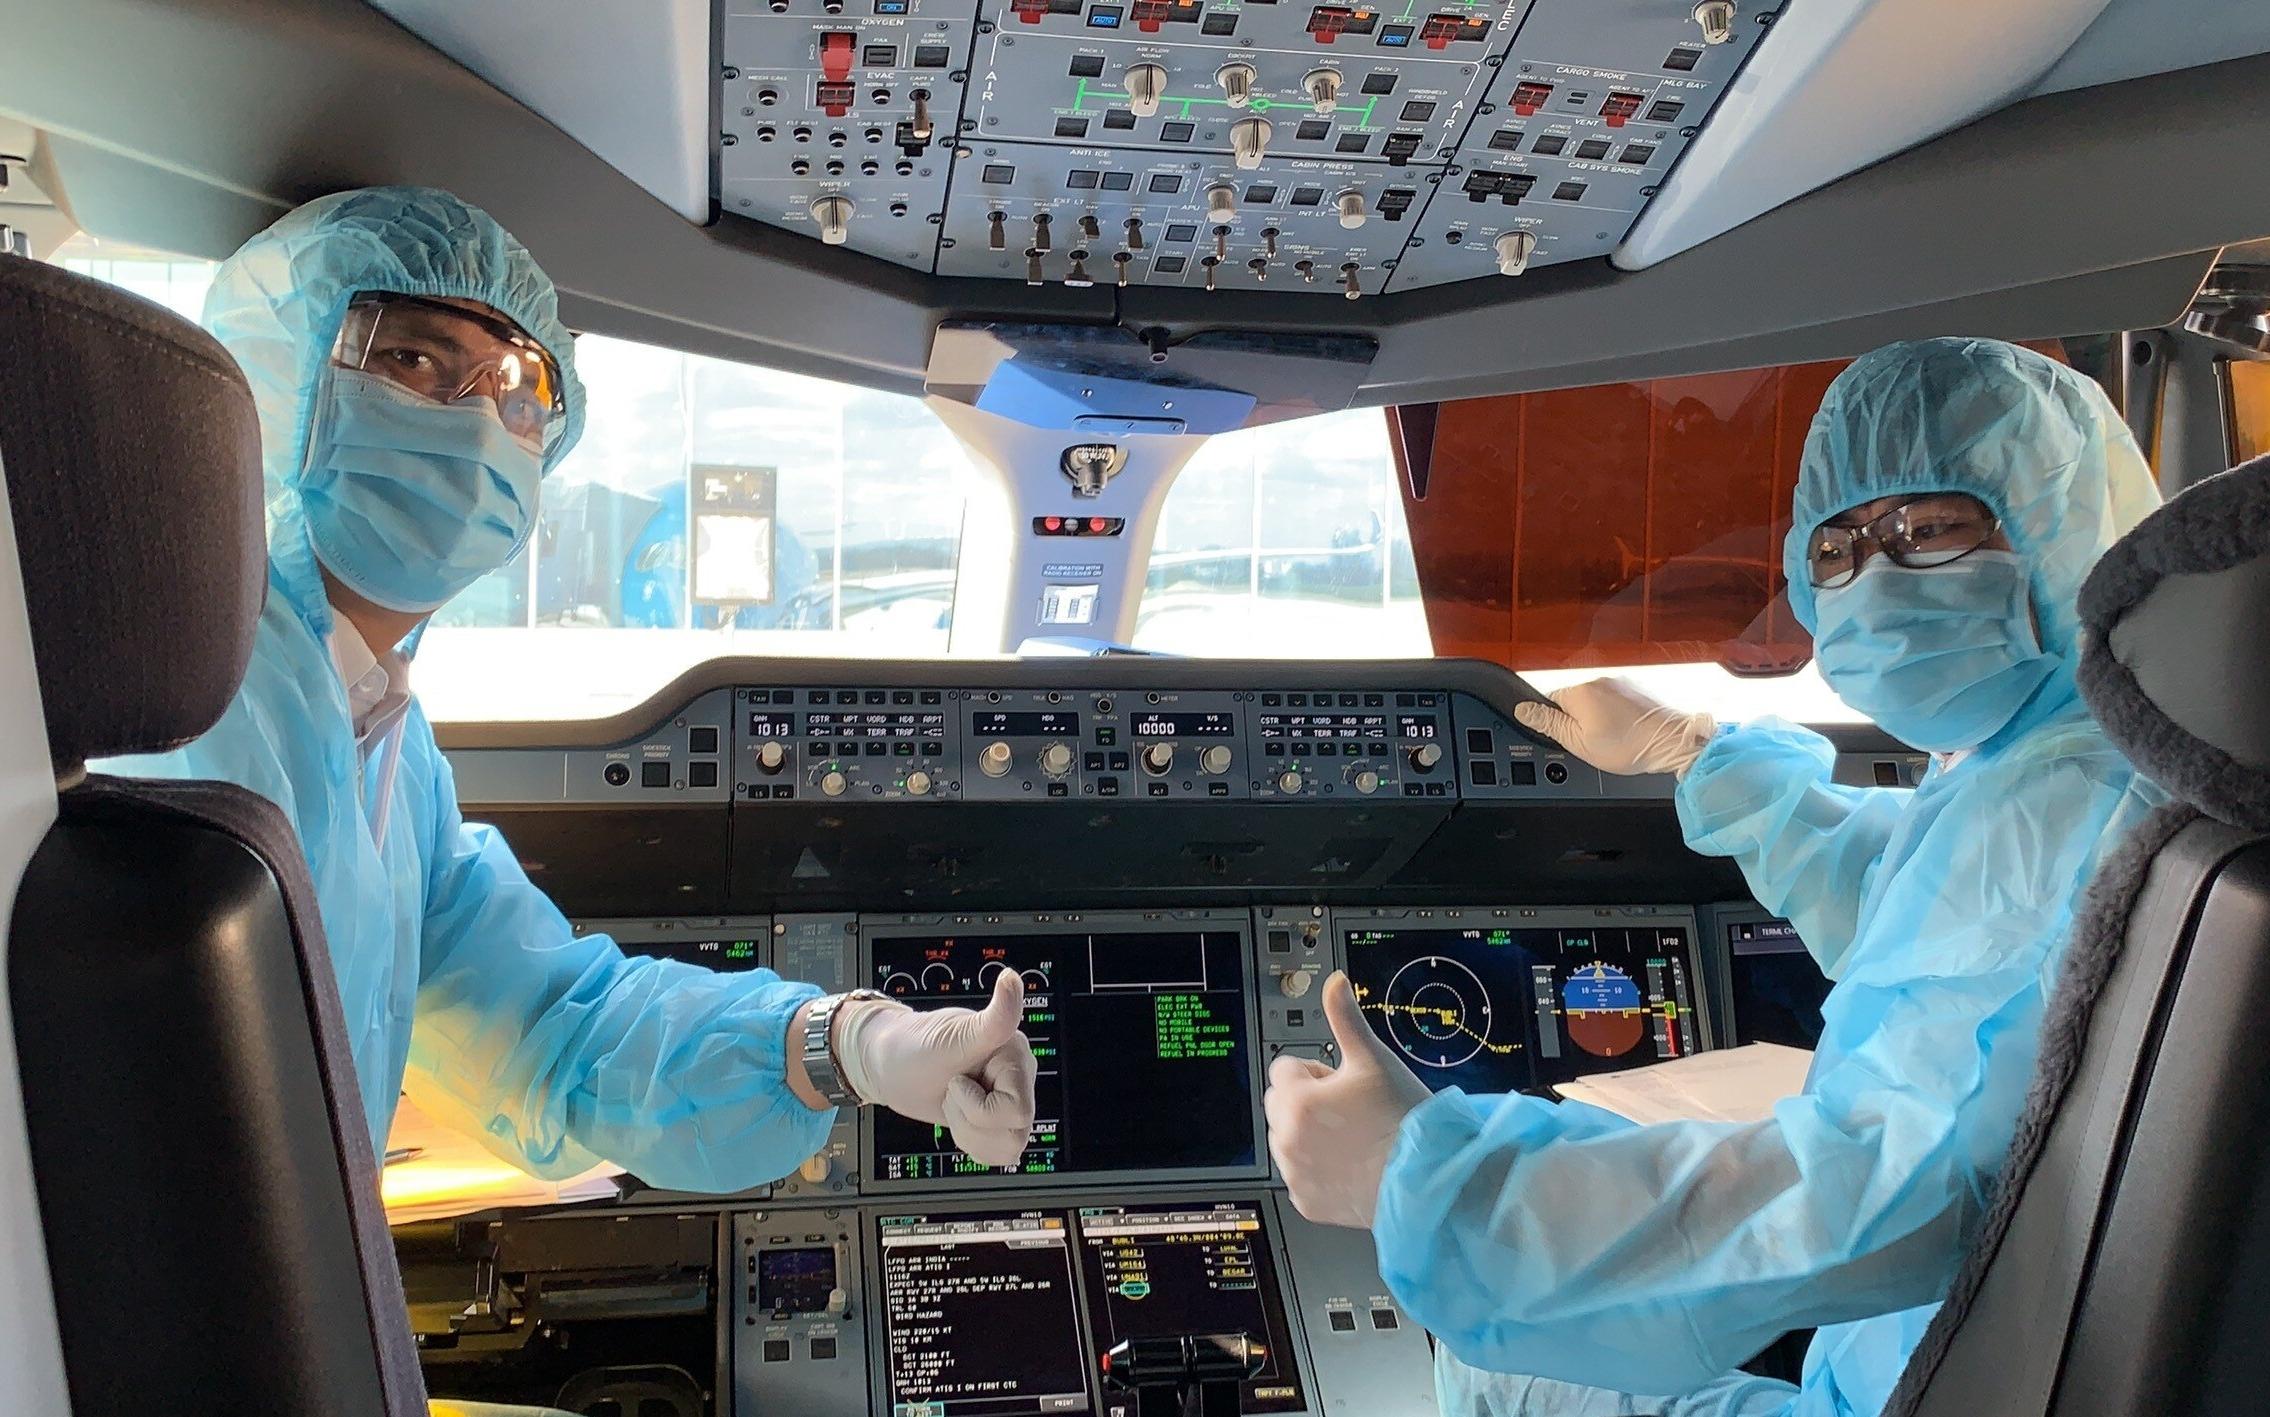 Các chuyến bay quốc tế tiếp theo sẽ thực hiện thế nào?